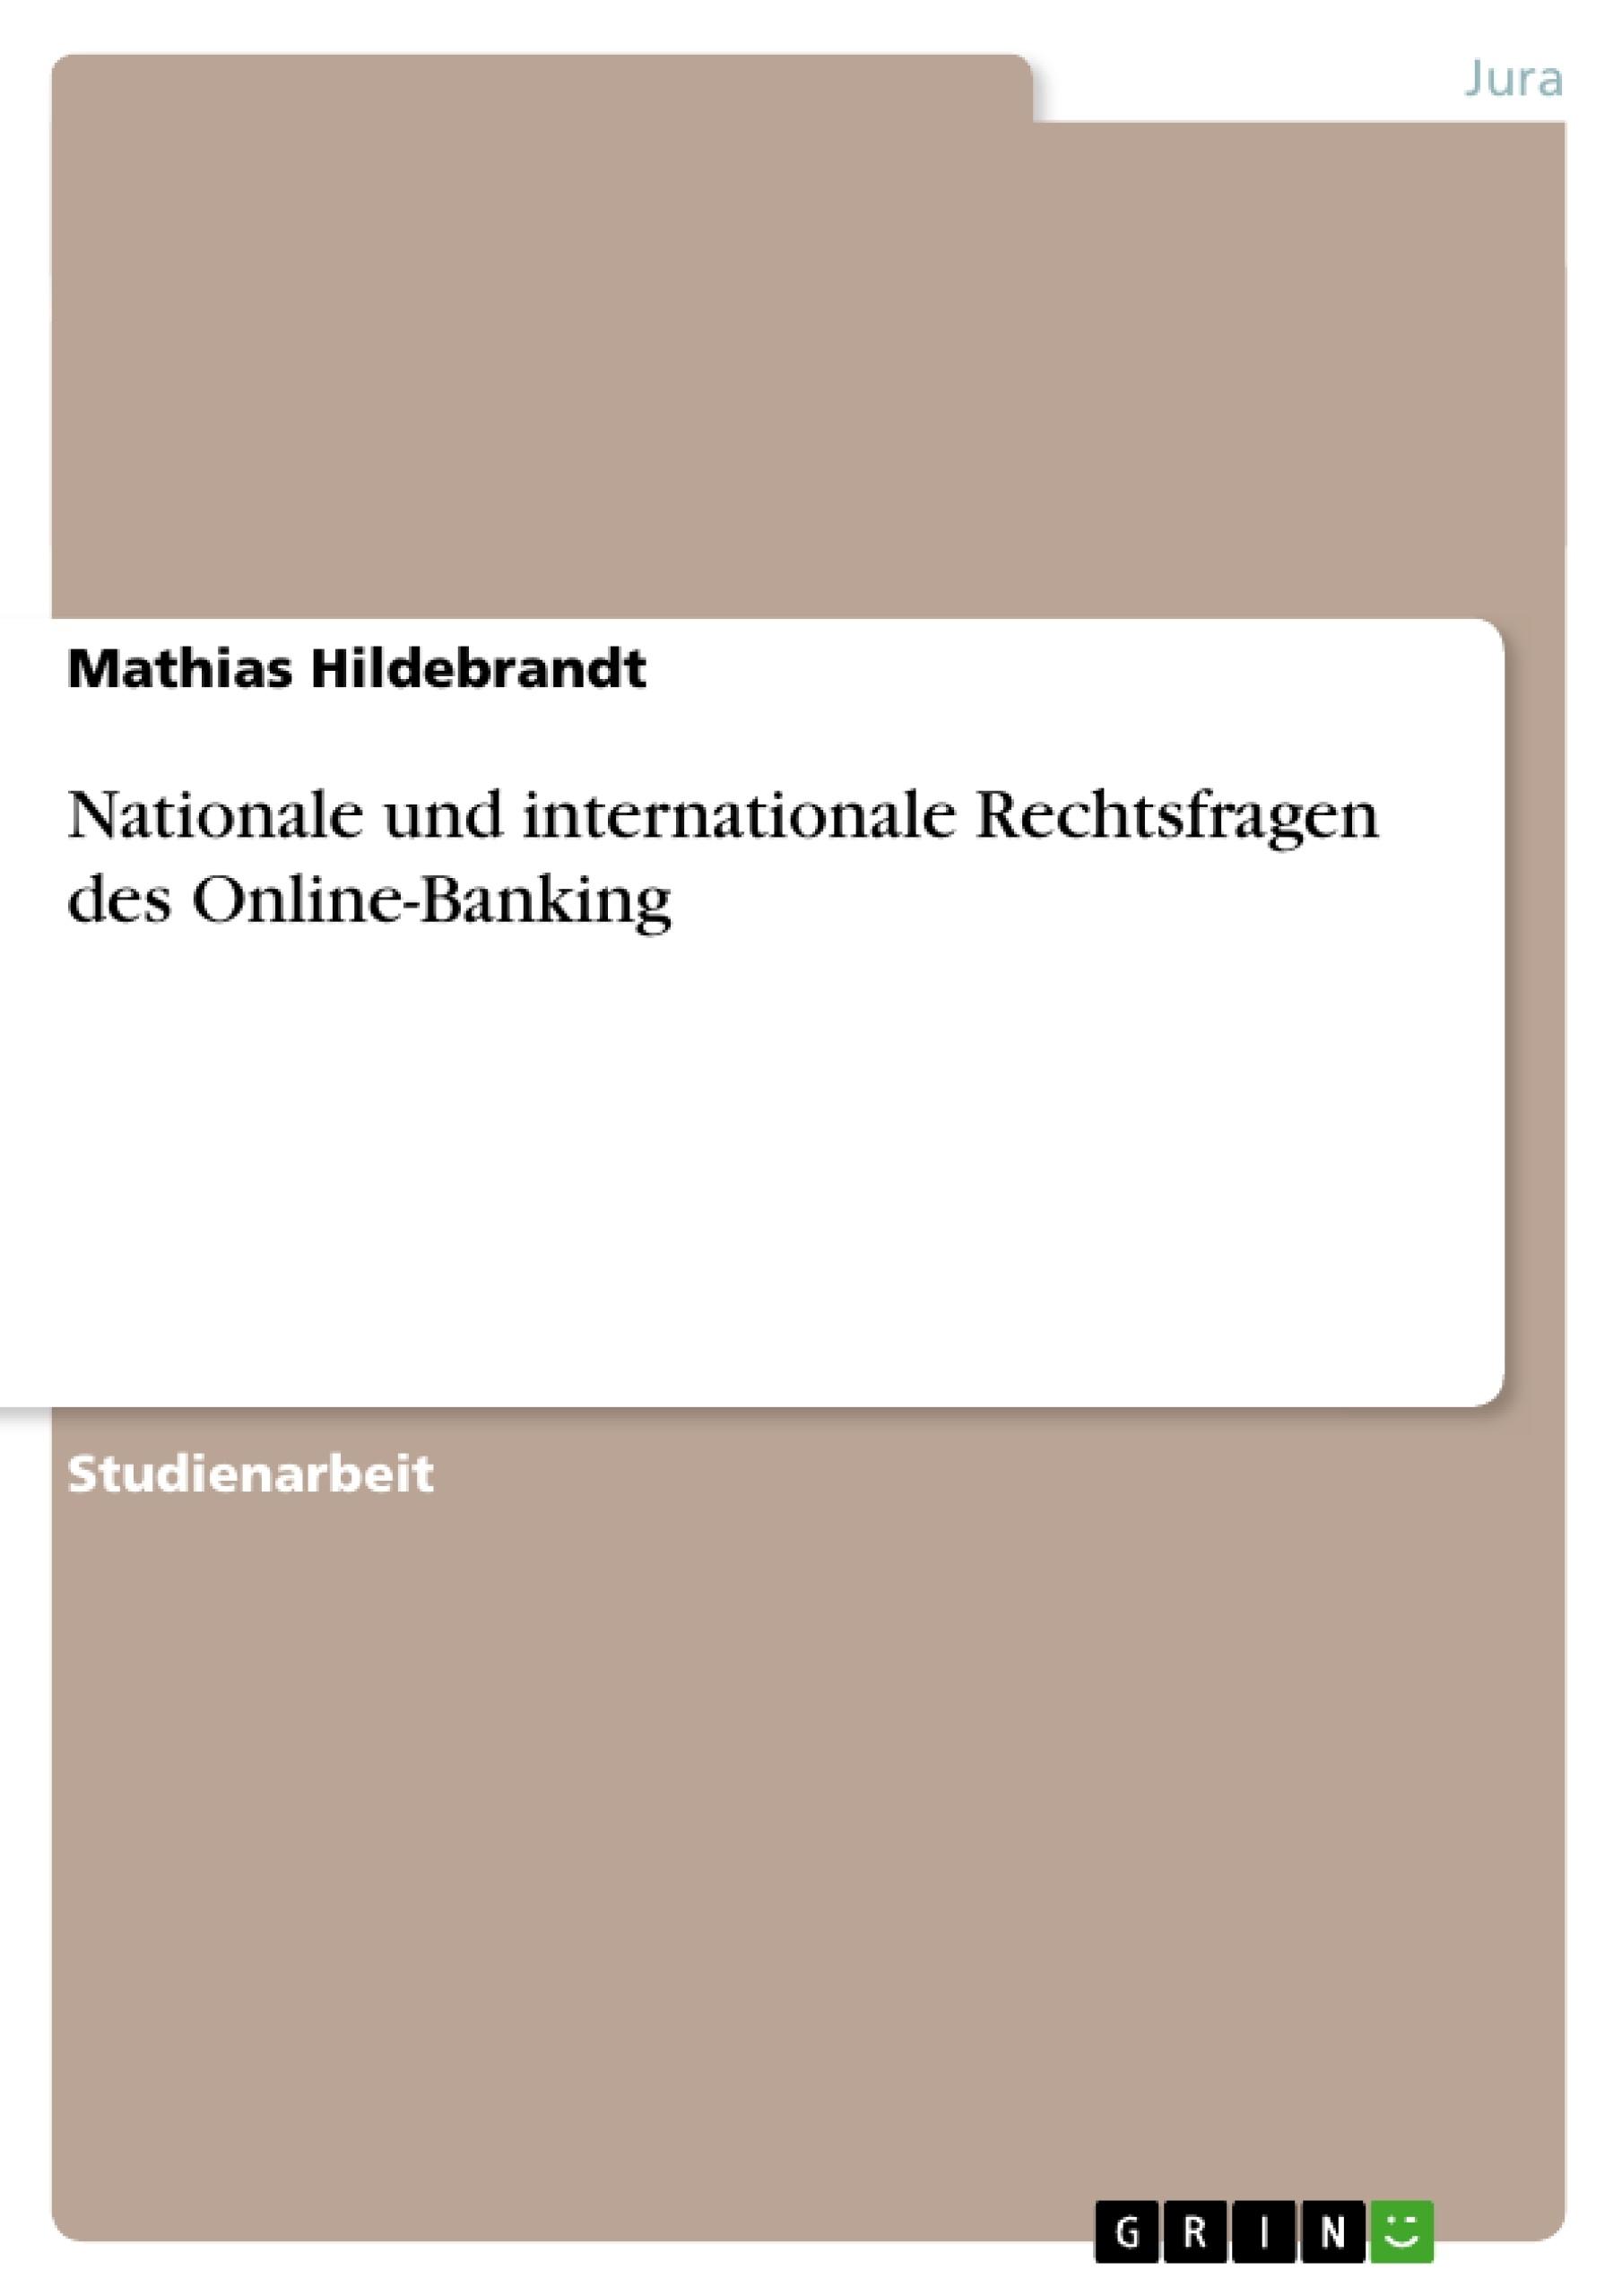 Titel: Nationale und internationale Rechtsfragen des Online-Banking